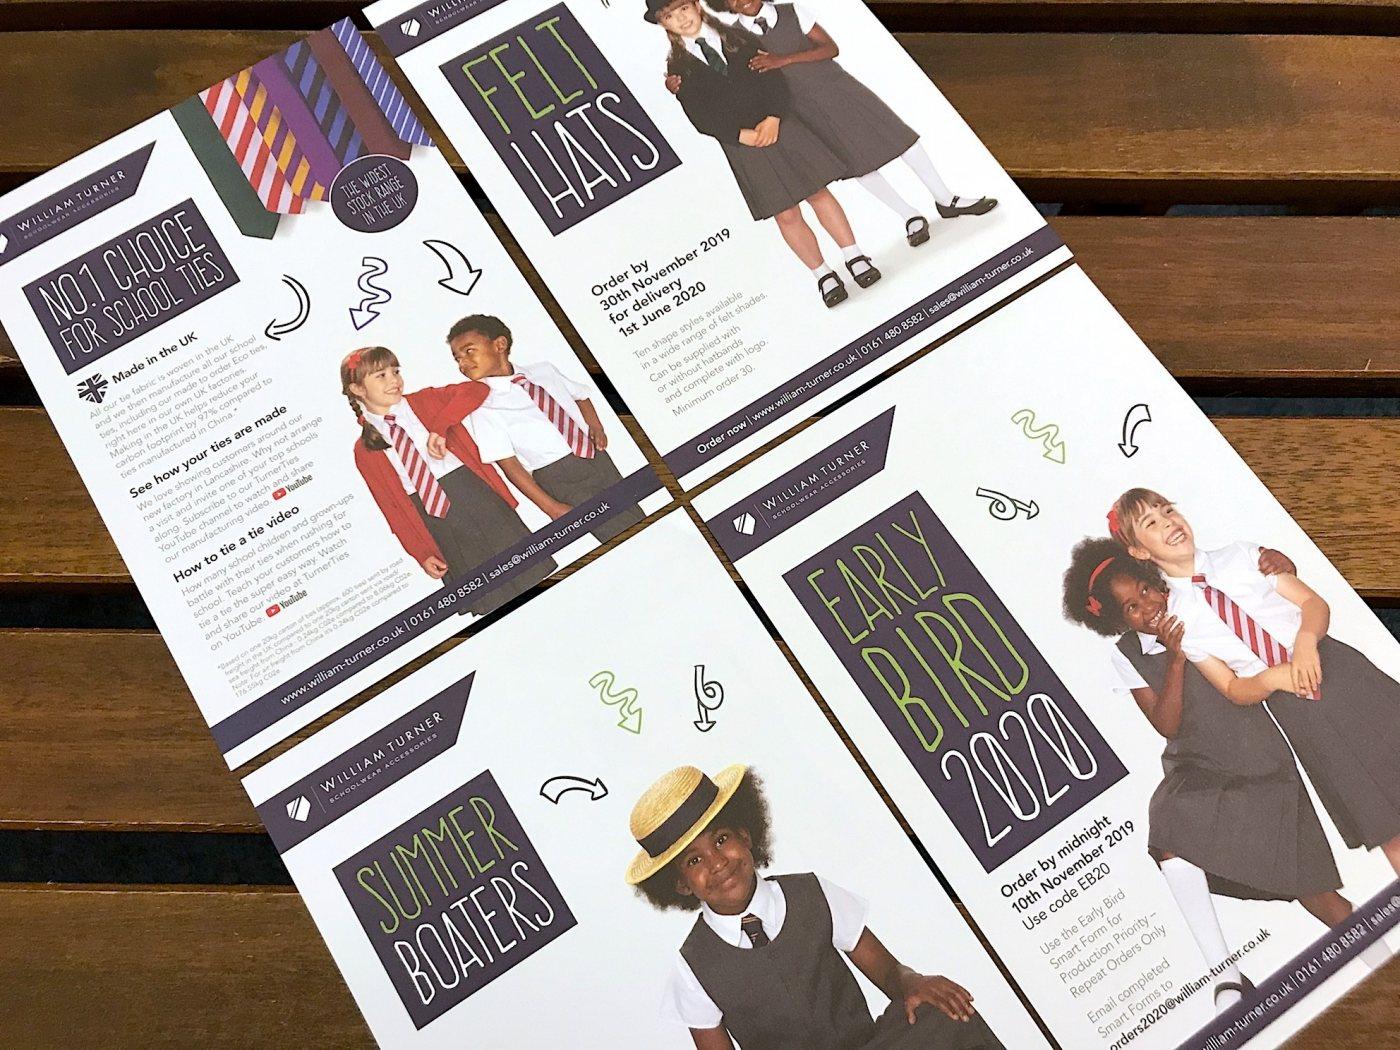 Williamturner schoolwear show leaflet design